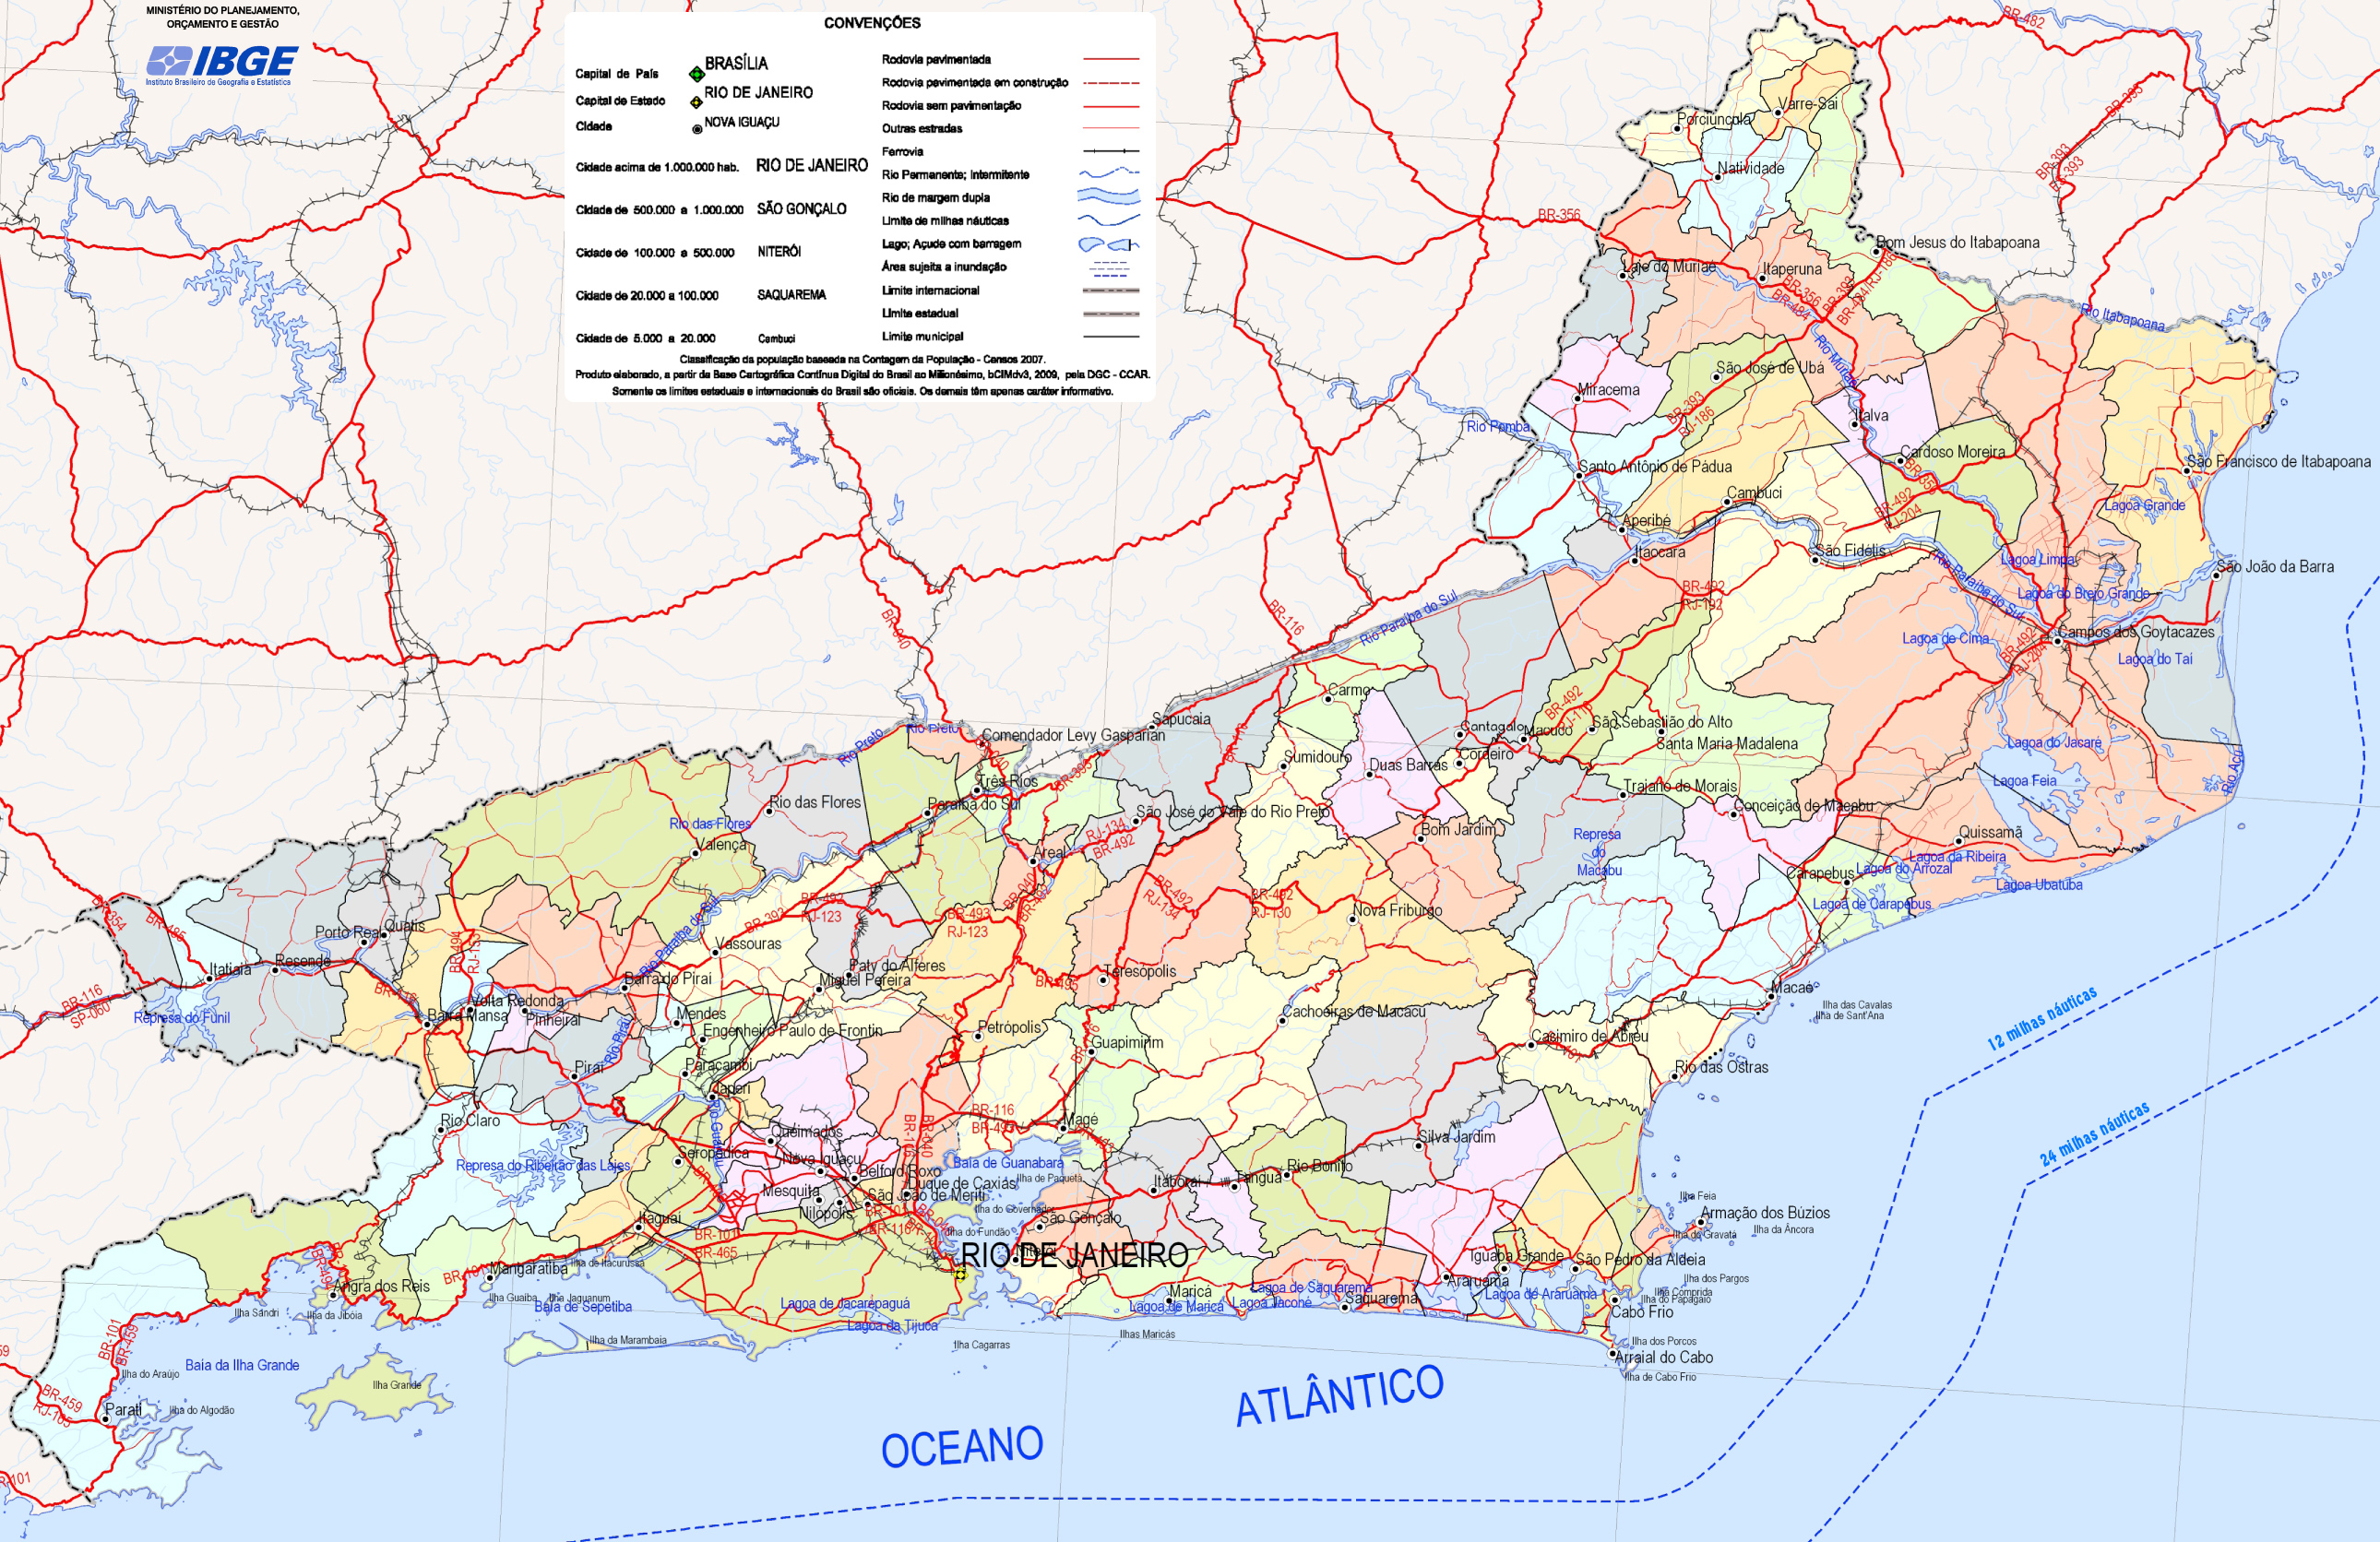 Mapa Poltico do Estado do Rio de Janeiro